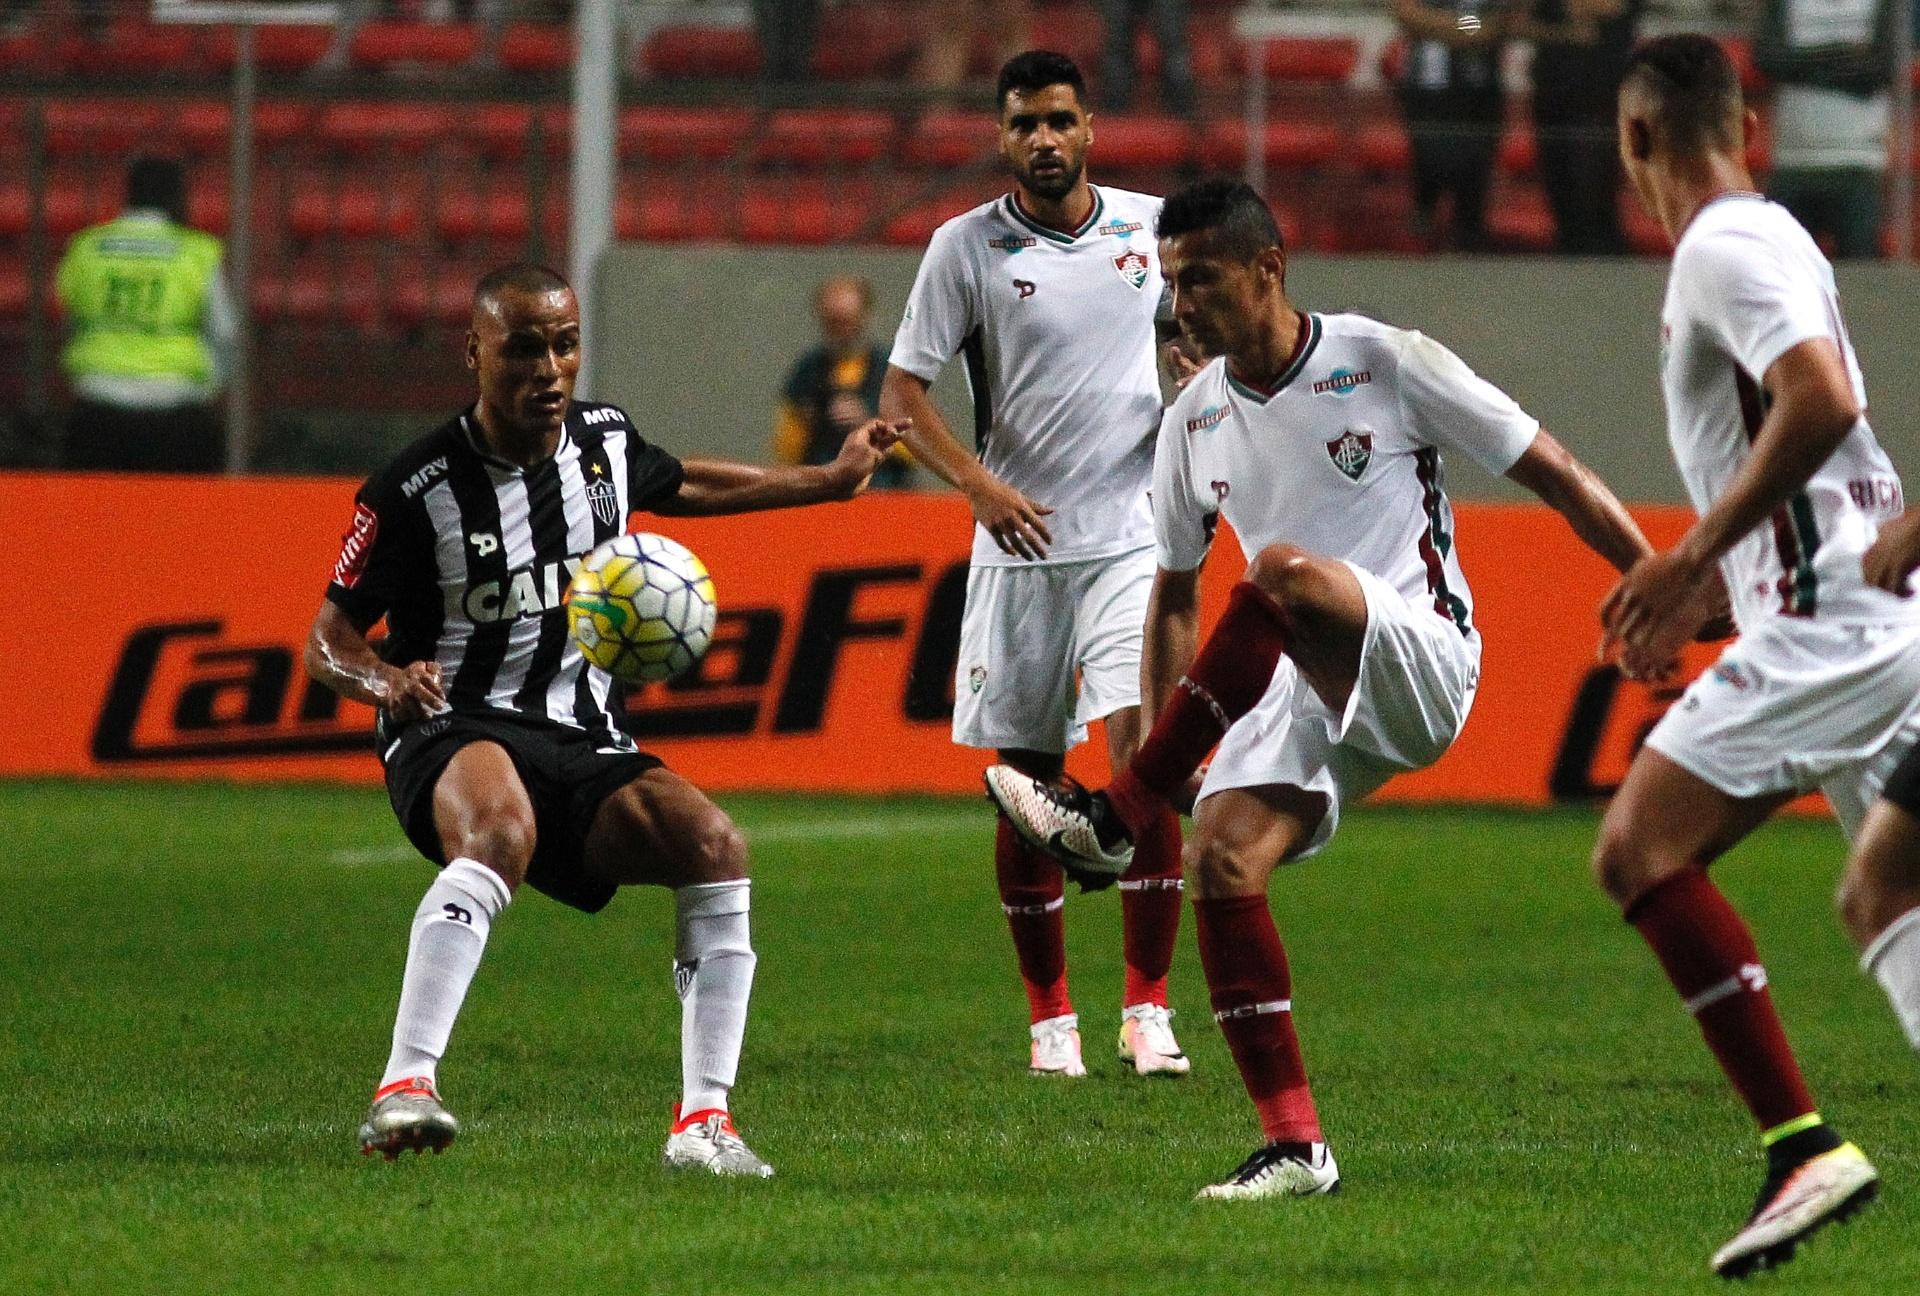 4650715562 Atlético-MG e Fluminense apenas empatam e ficam mais longe dos líderes -  01 06 2016 - UOL Esporte